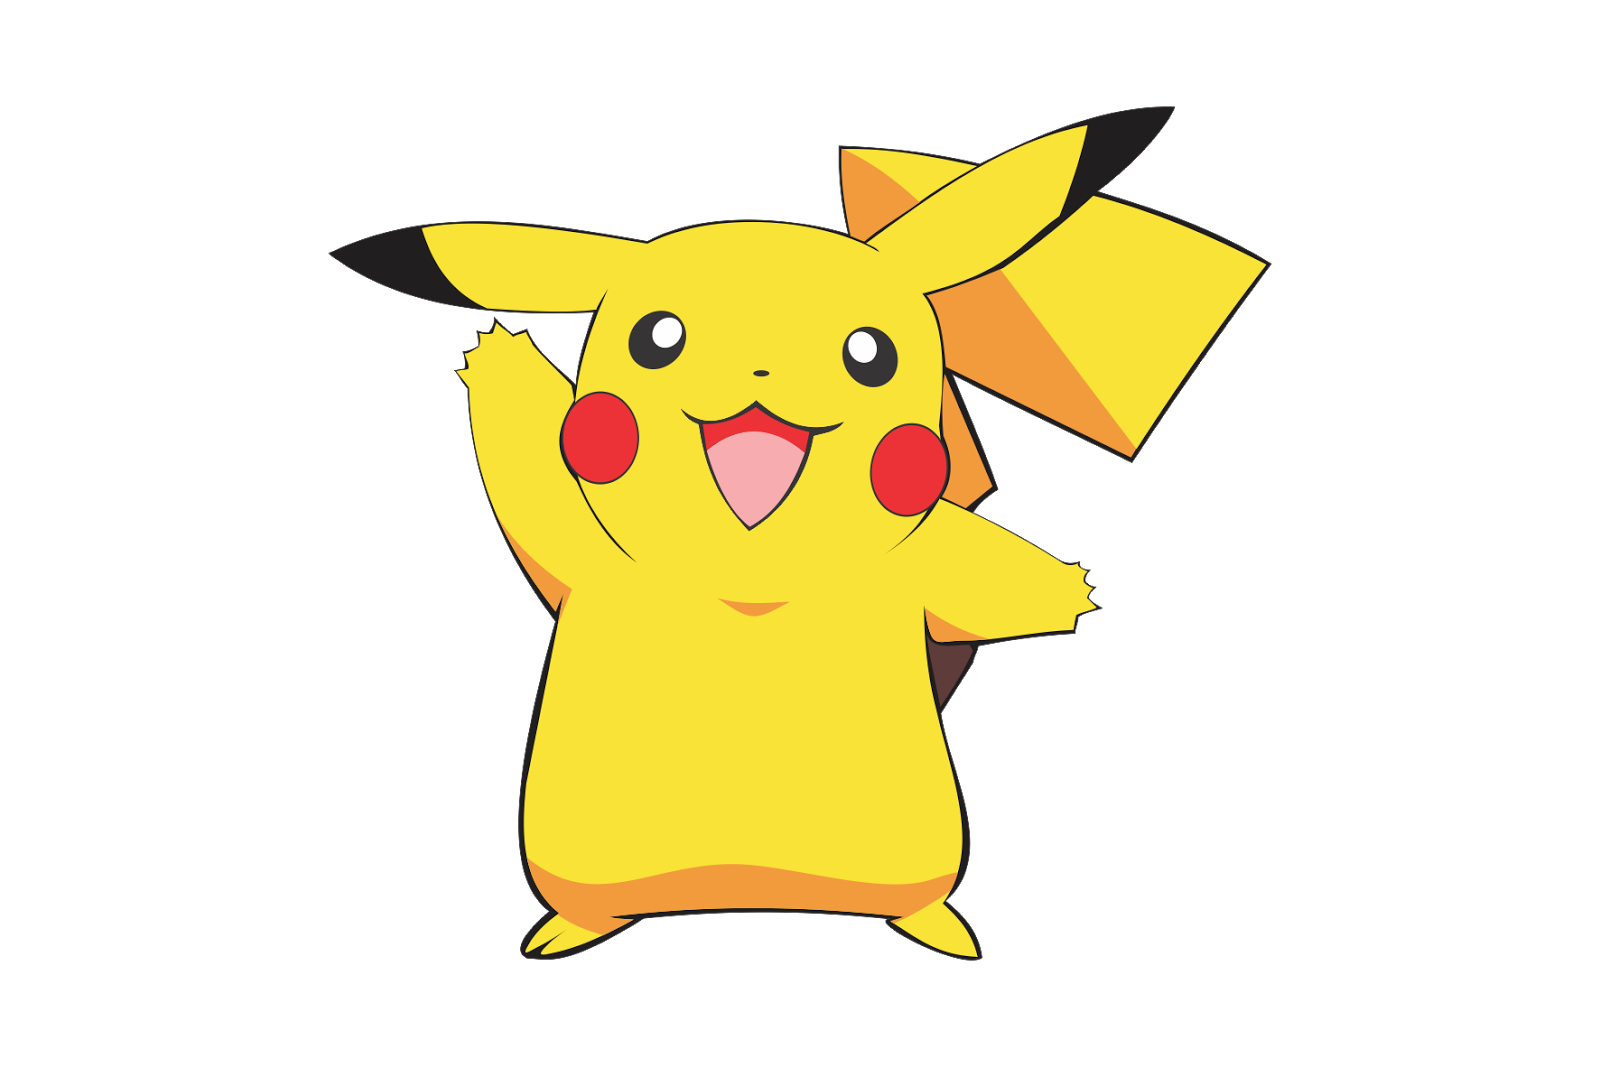 Youtube clipart pokemon, Youtube pokemon Transparent FREE.